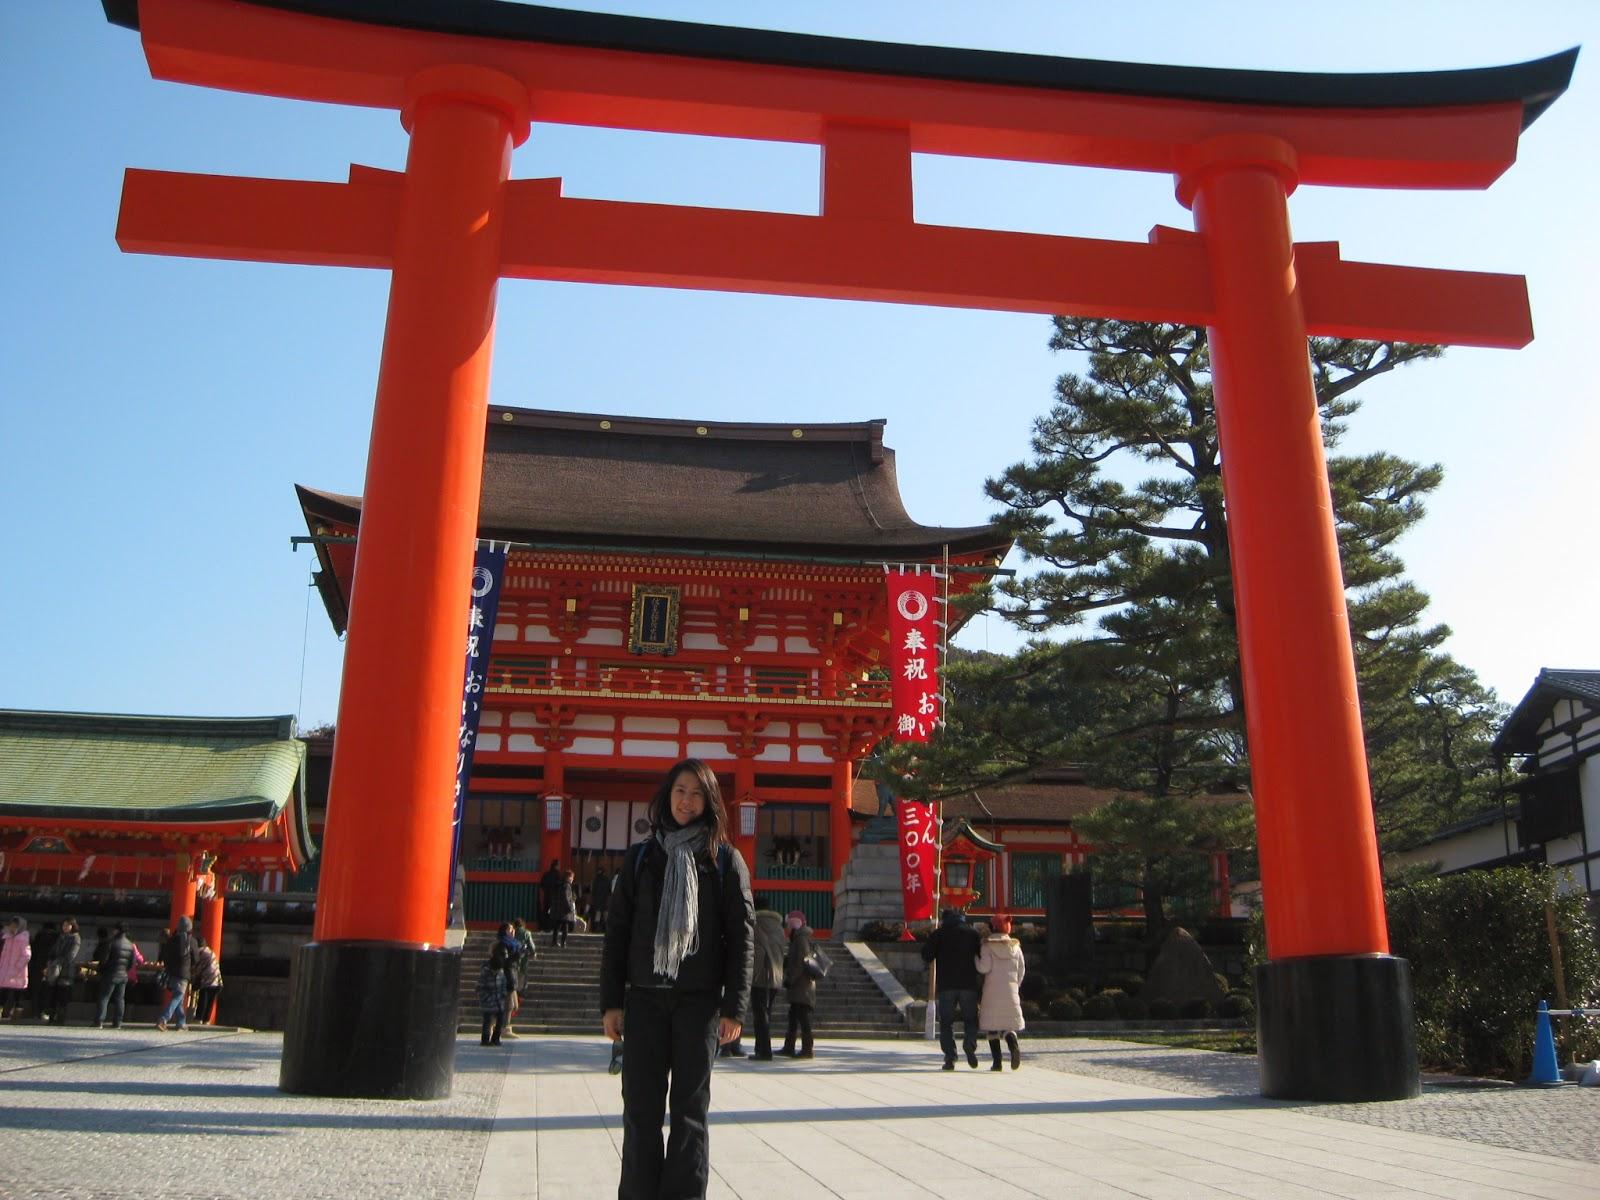 Kyoto - Heading up to Fushimi Inari-taisha Shrine